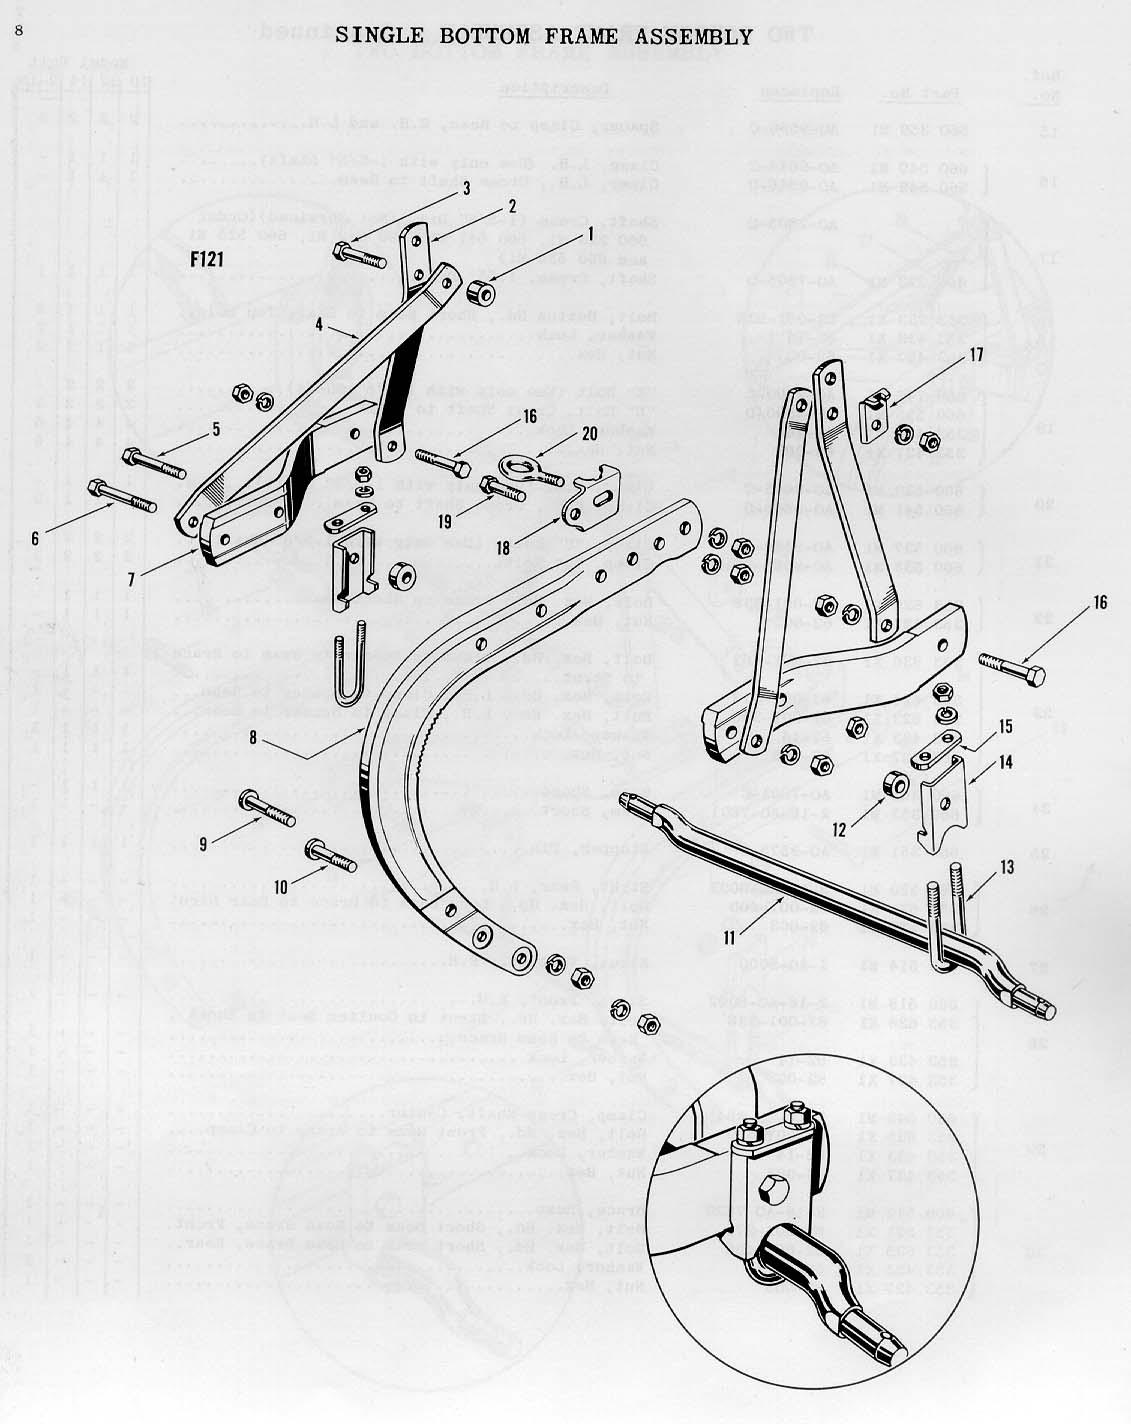 Ferguson Moldboard Plow Parts : Ferguson ao mouldboard plows parts book